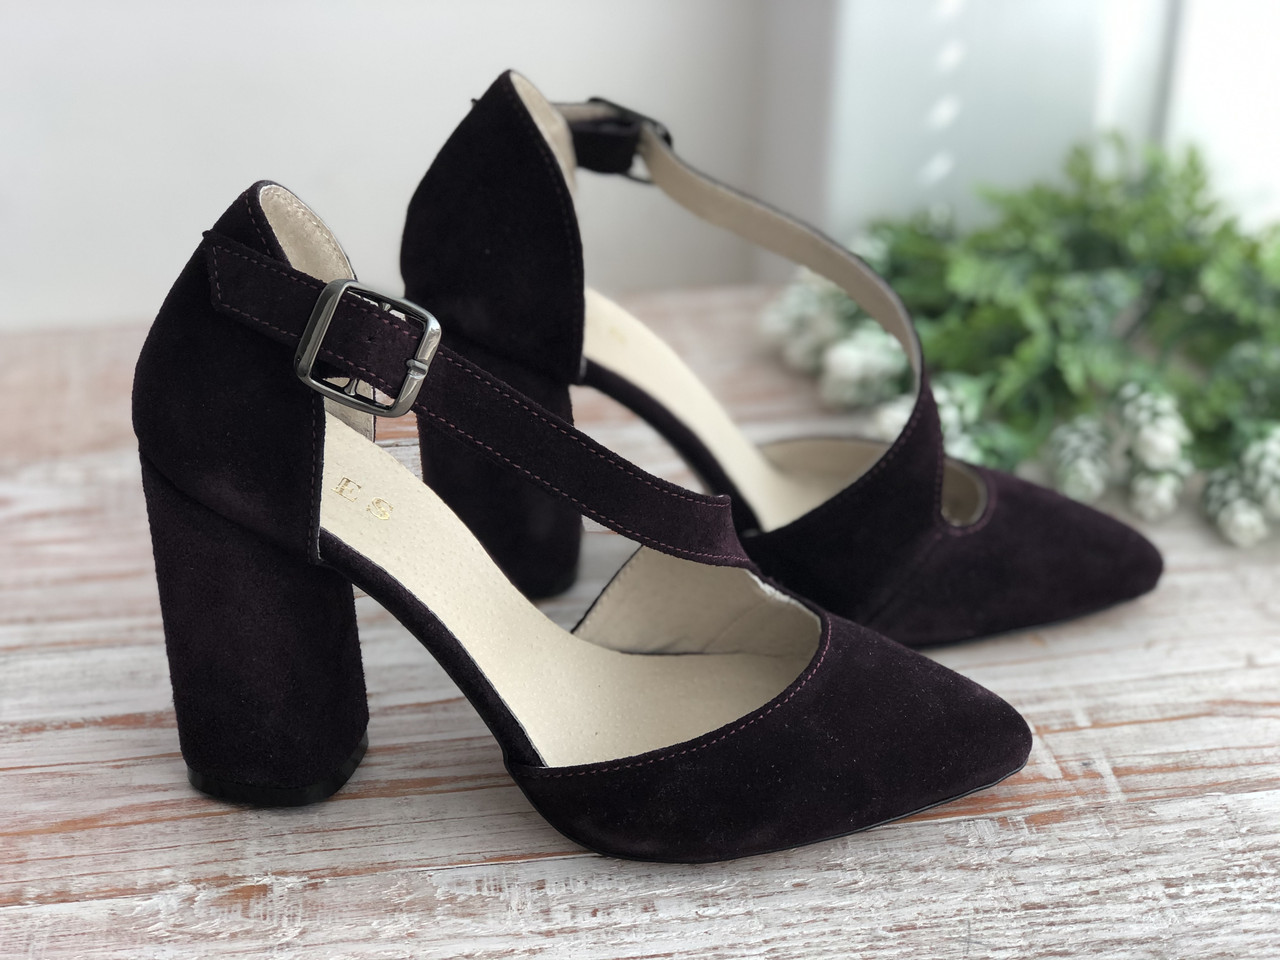 Кожаные женские туфли 193 б/з размеры 36-40